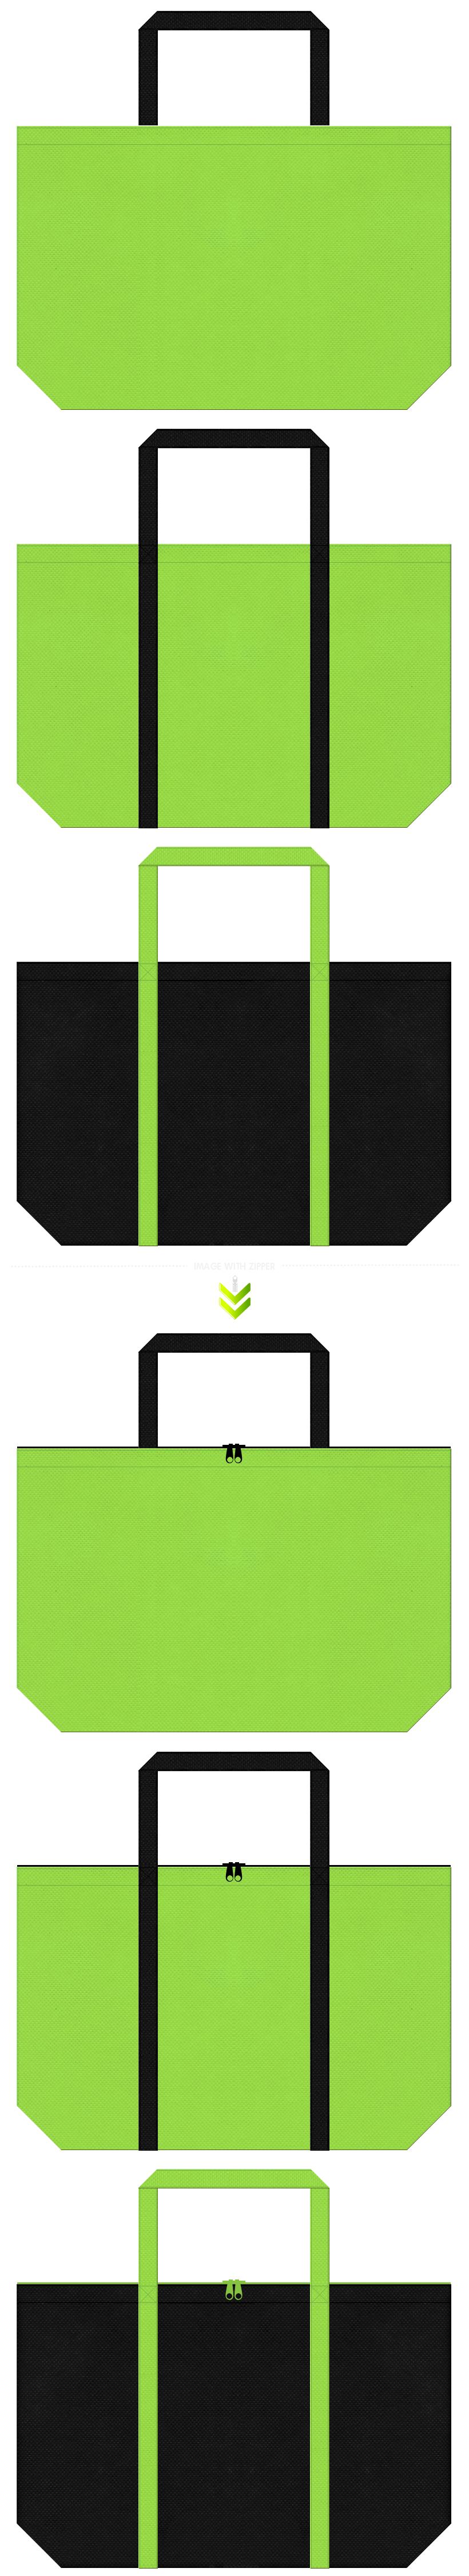 ユニフォーム・運動靴・アウトドア・スポーツ用品のショッピングバッグにお奨めの不織布バッグデザイン:黄緑色と黒色のコーデ